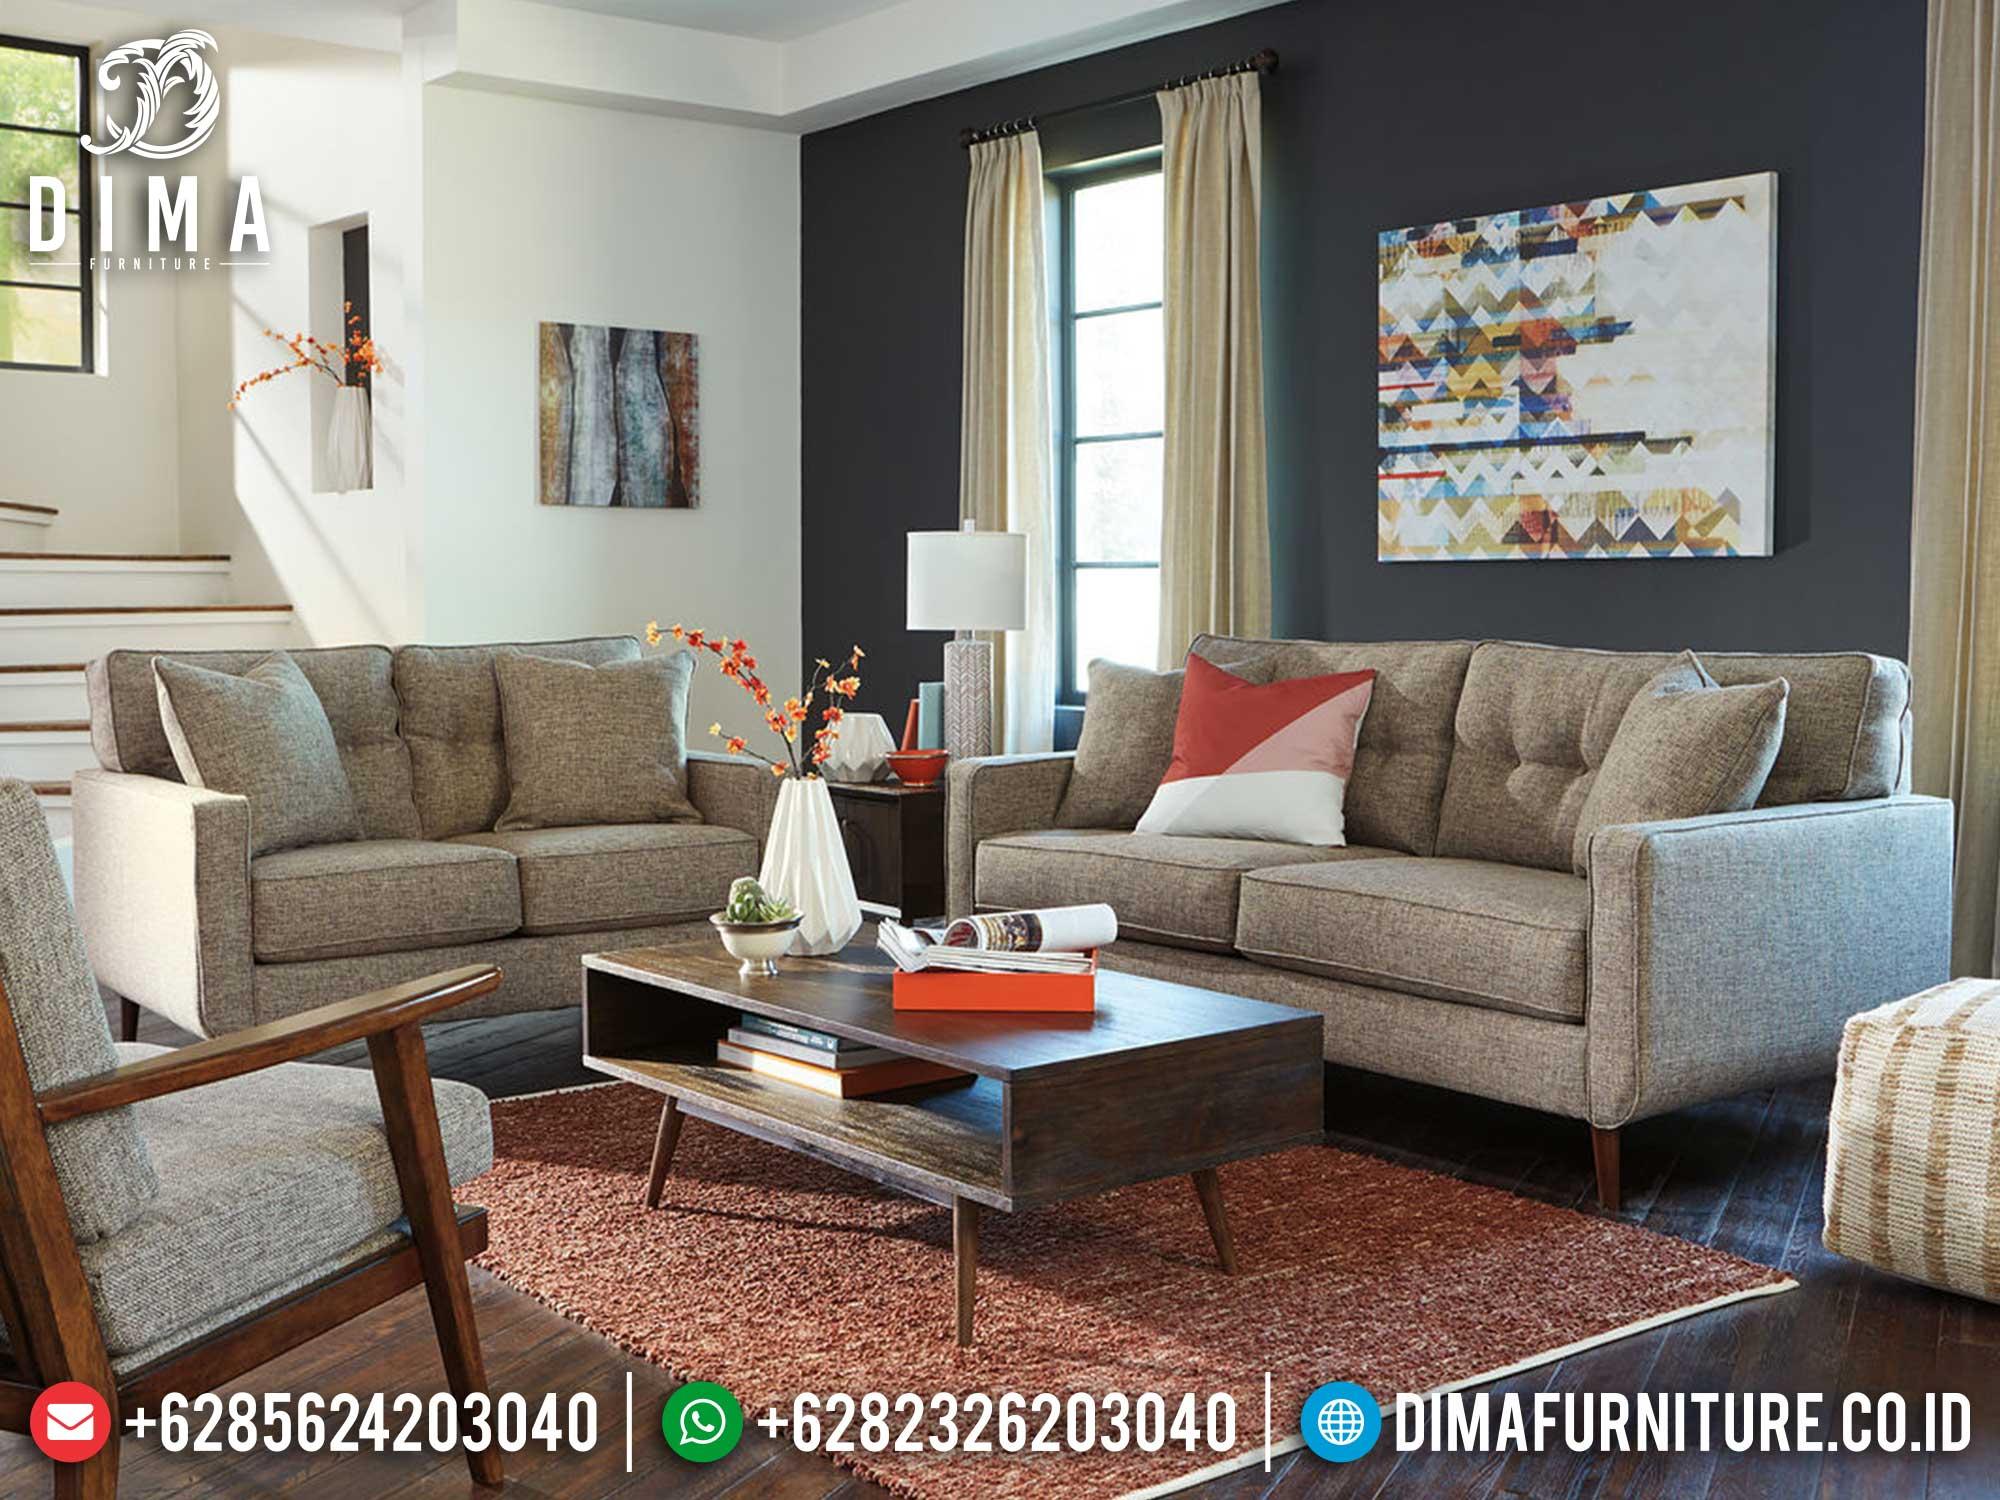 New Set Sofa Tamu Kayu Jati Perhutani Simple Design Natural Salak Brown Mm-0930